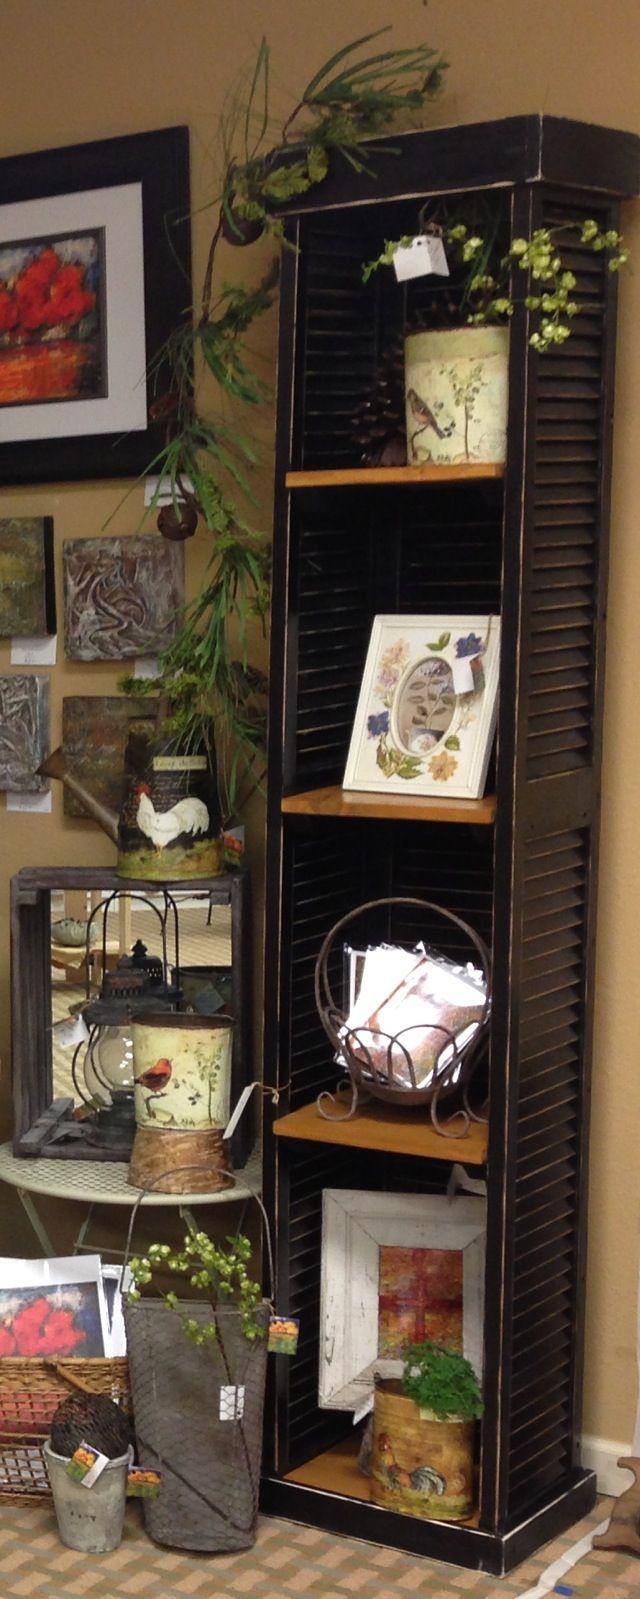 My new shutter shelf - love it!